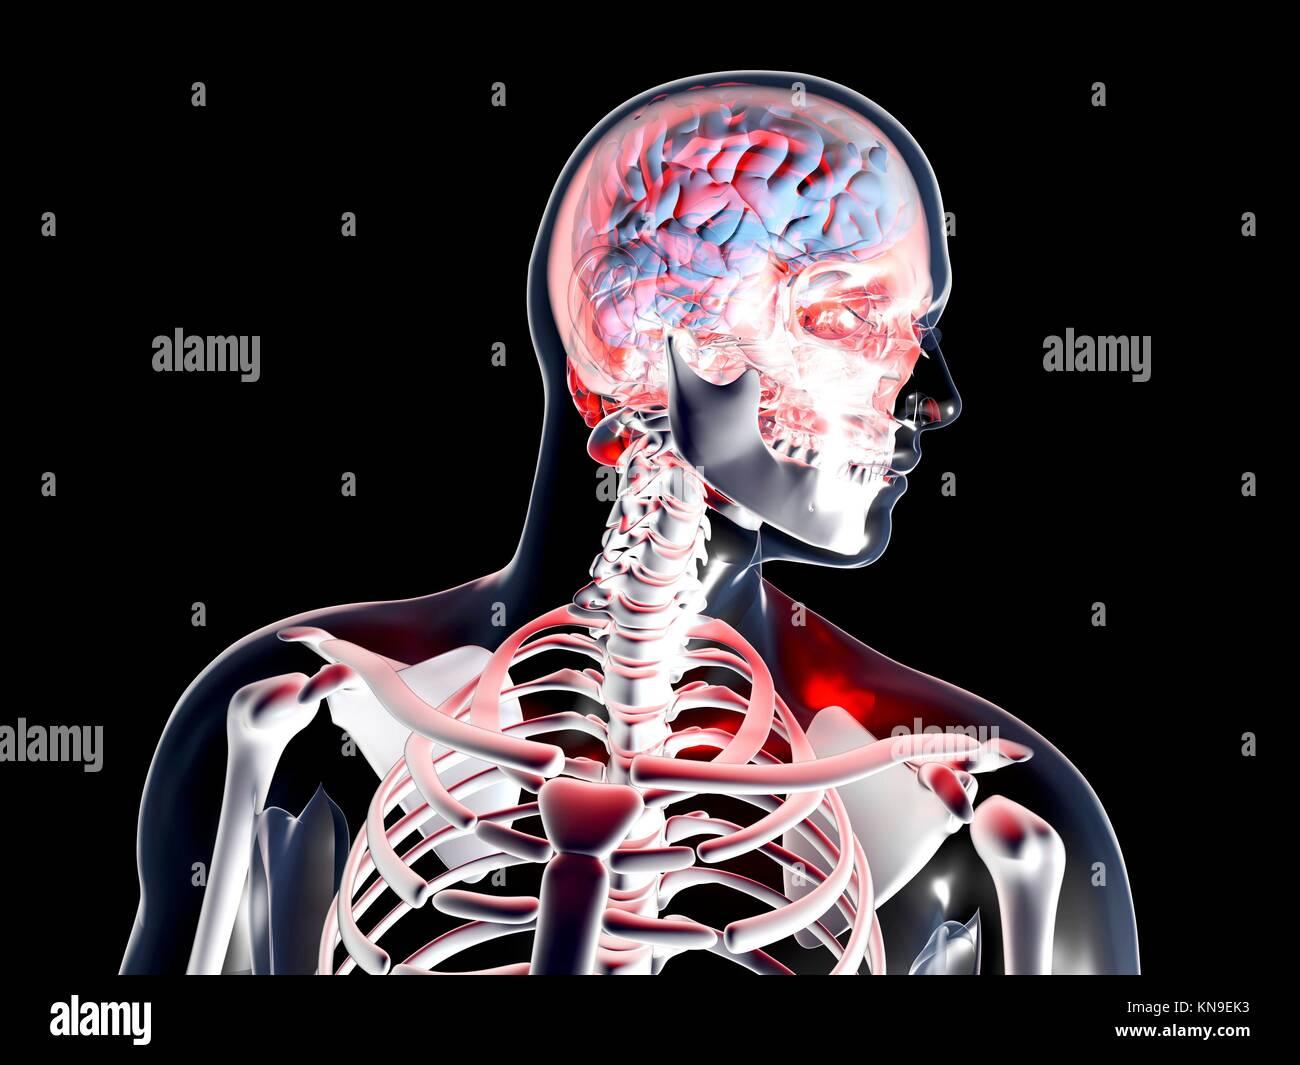 Kopfschmerzen und Depressionen. 3D-Bild dargestellt. Auf schwarz isoliert. Stockbild